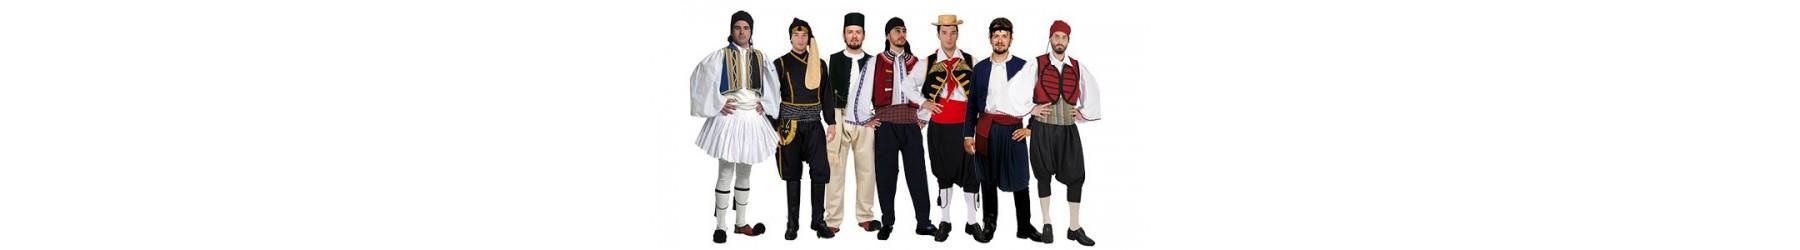 Παραδοσιακές αντρικές στολές τσολιάς και τοπικές φορεσιές